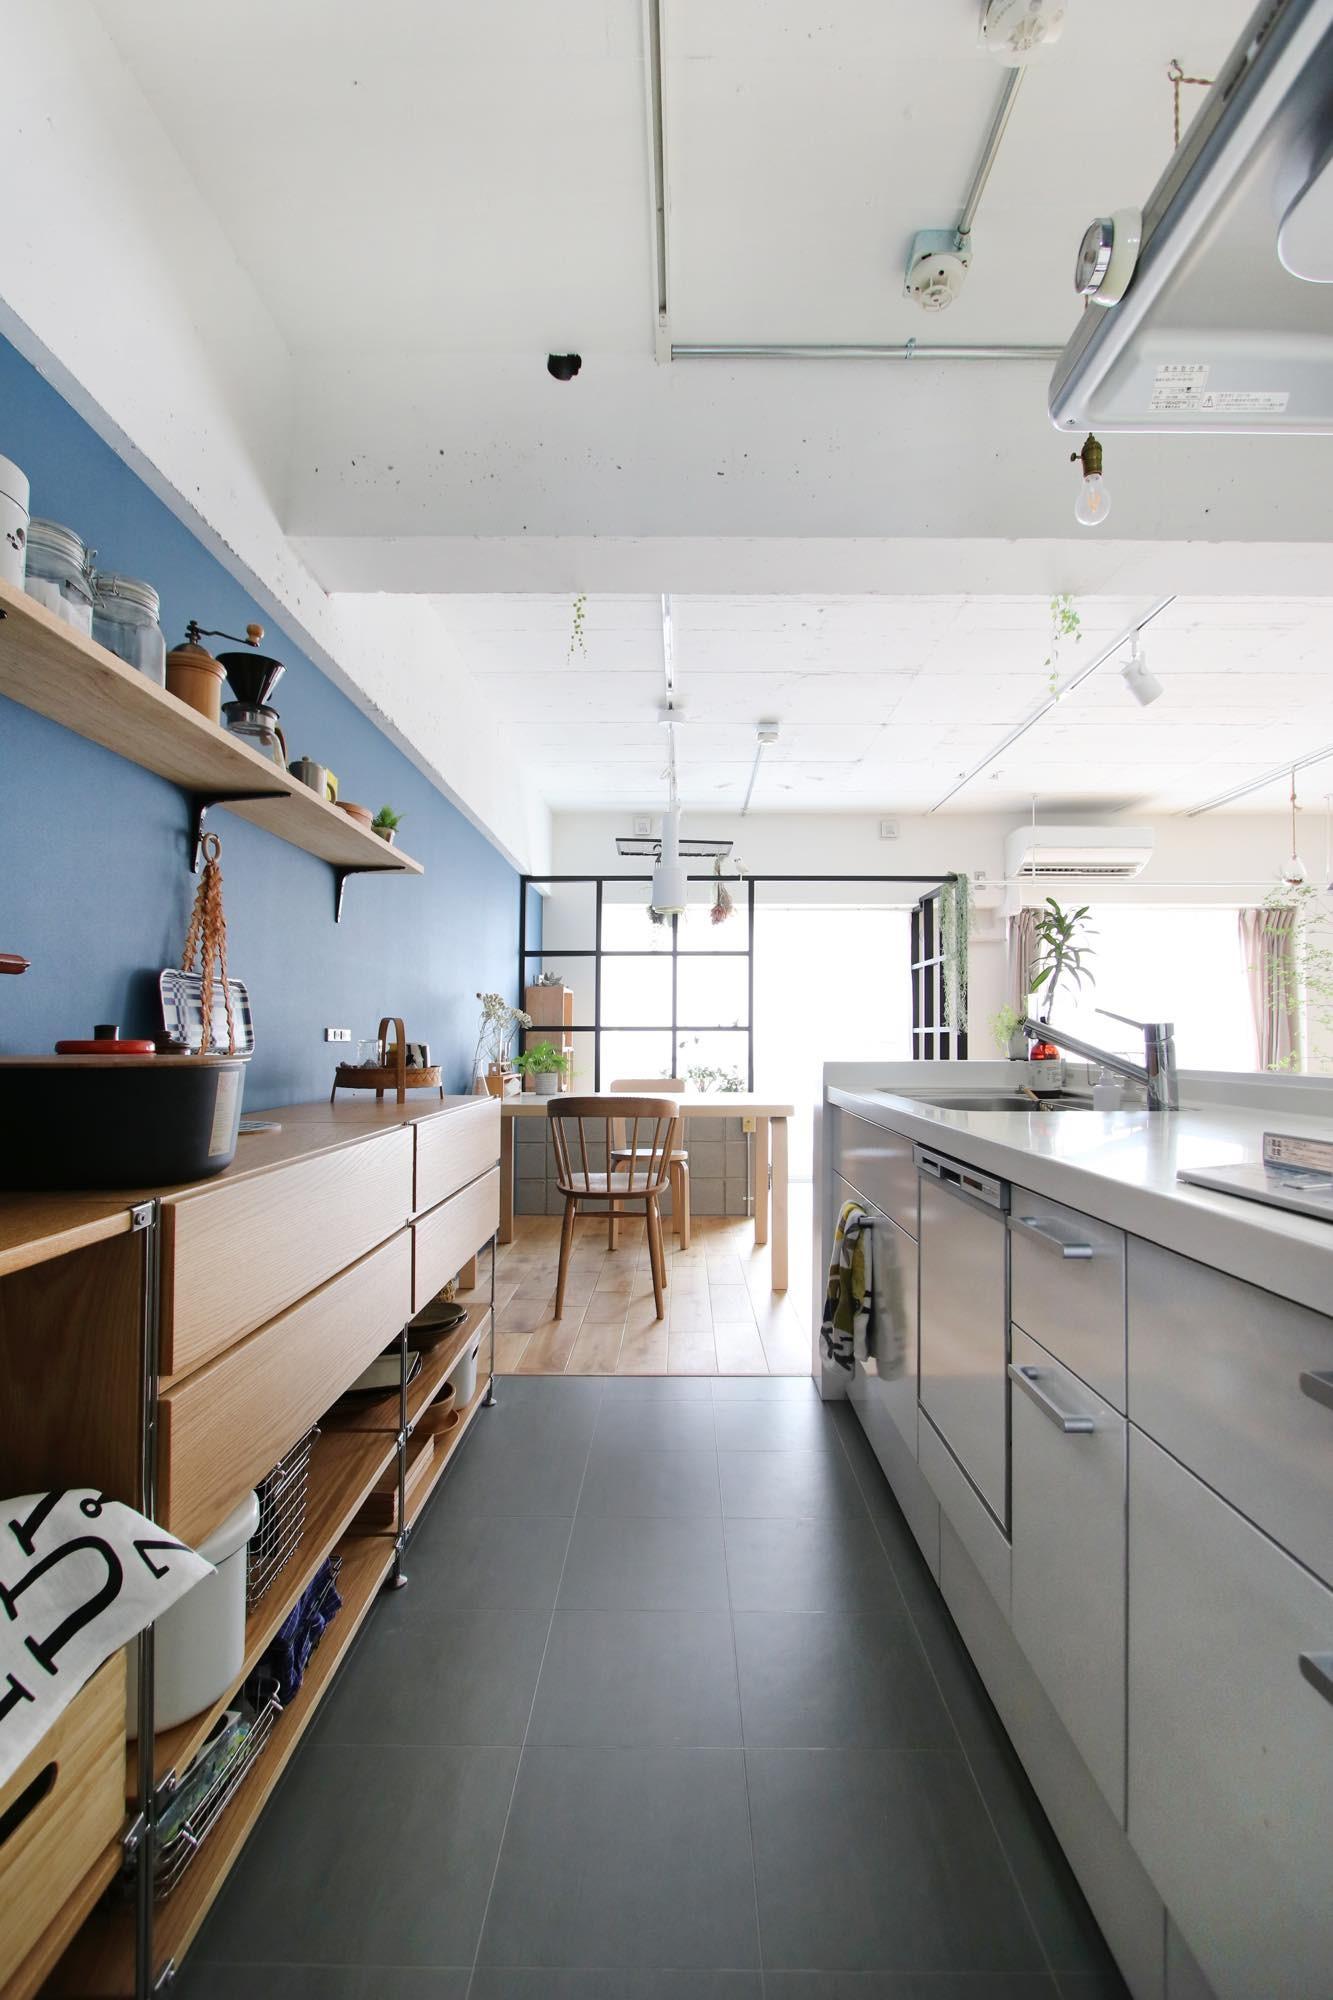 キッチン事例:キッチン(ブルーグレーの映える北欧空間)